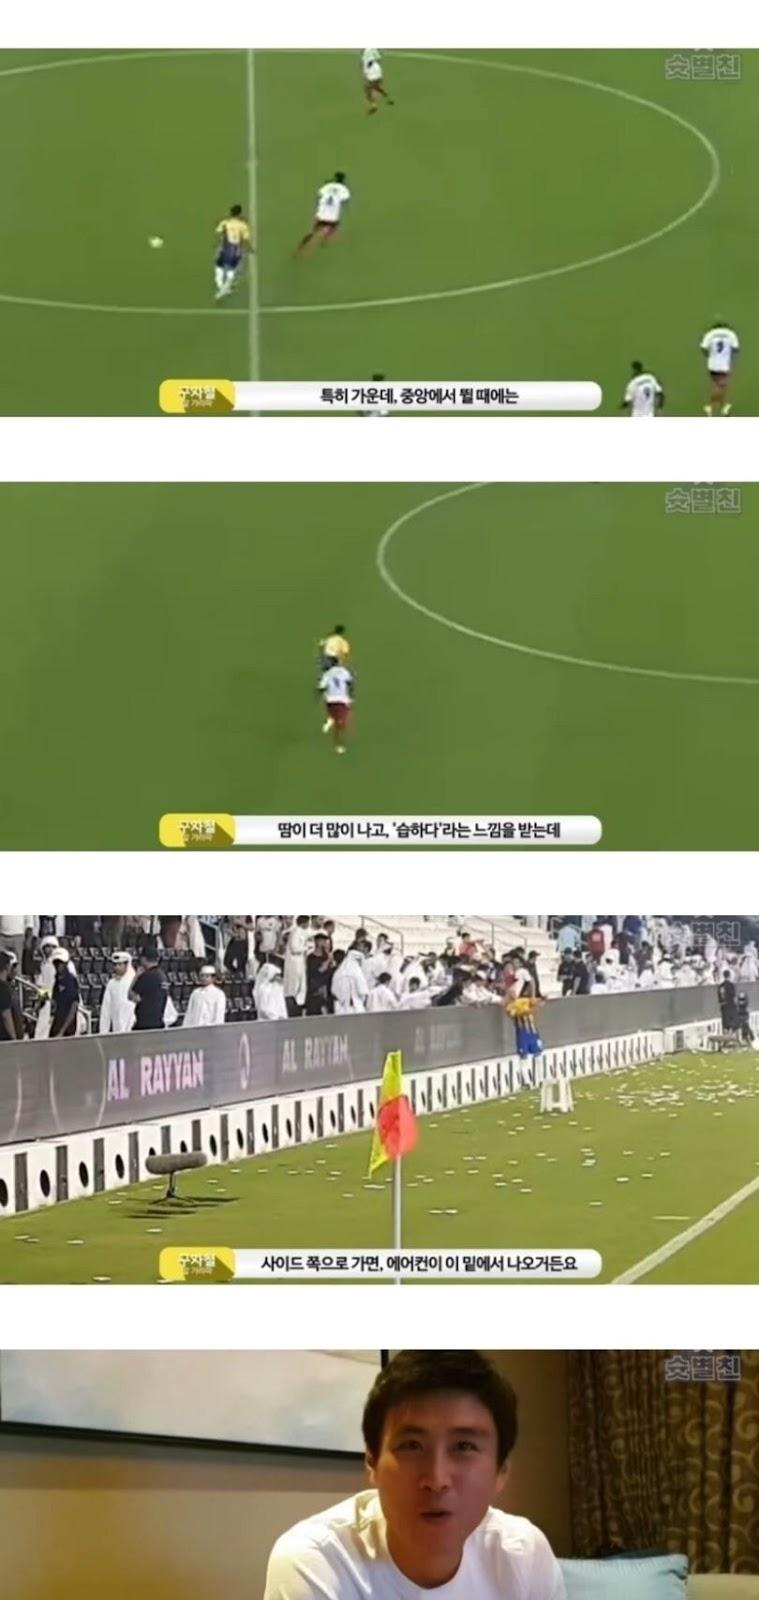 카타르 축구 경기장 에어컨